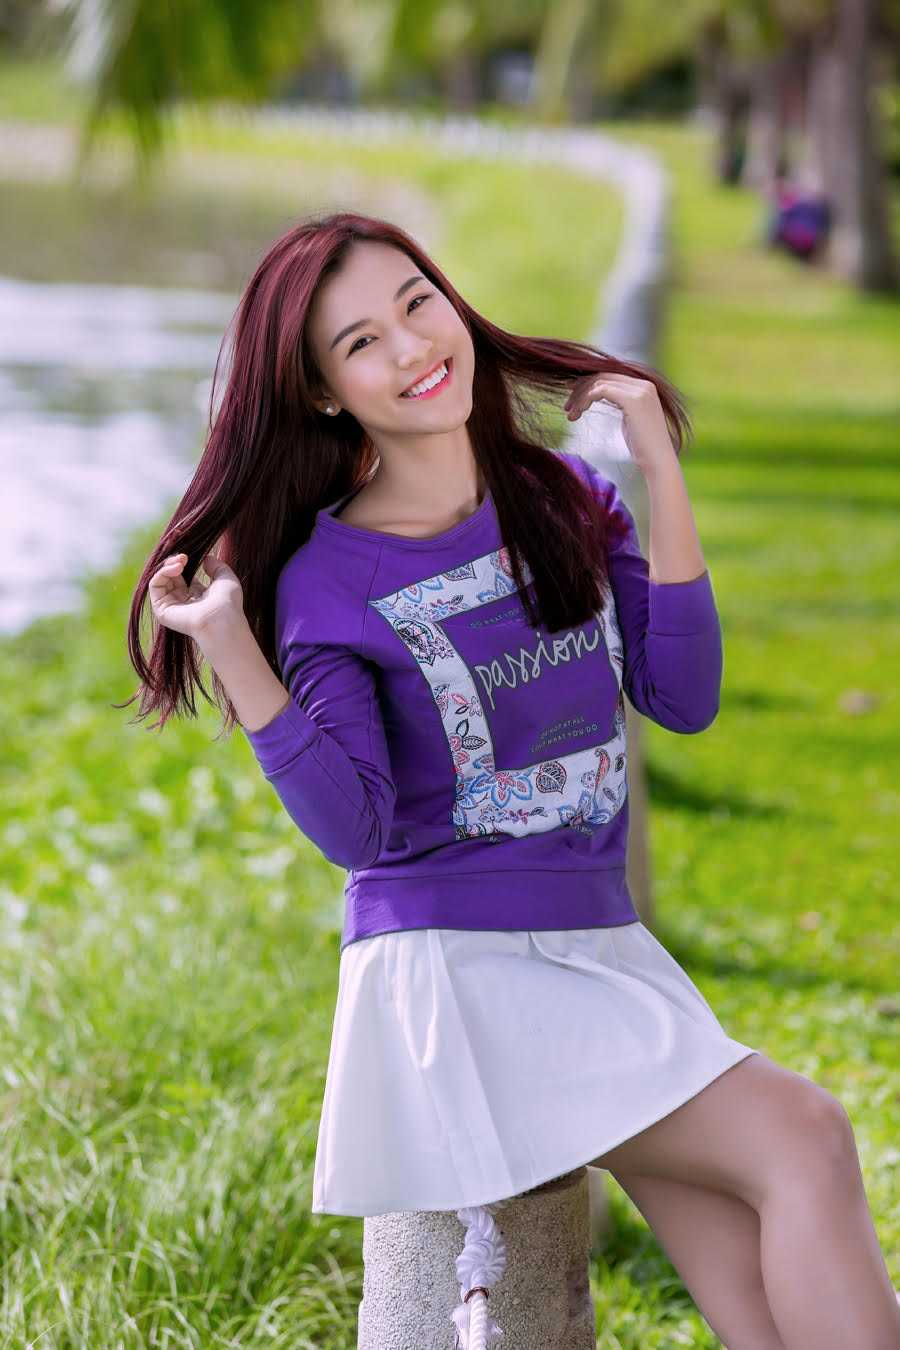 Theo Hoàng Oanh, mái tóc dài óng mượt giúp cô thêm tự tin khi bước ra ngoài vì không mất thời gian tạo kiểu cũng đủ để lại ấn tượng với người đối diện bằng vẻ nữ tính, dễ thương.